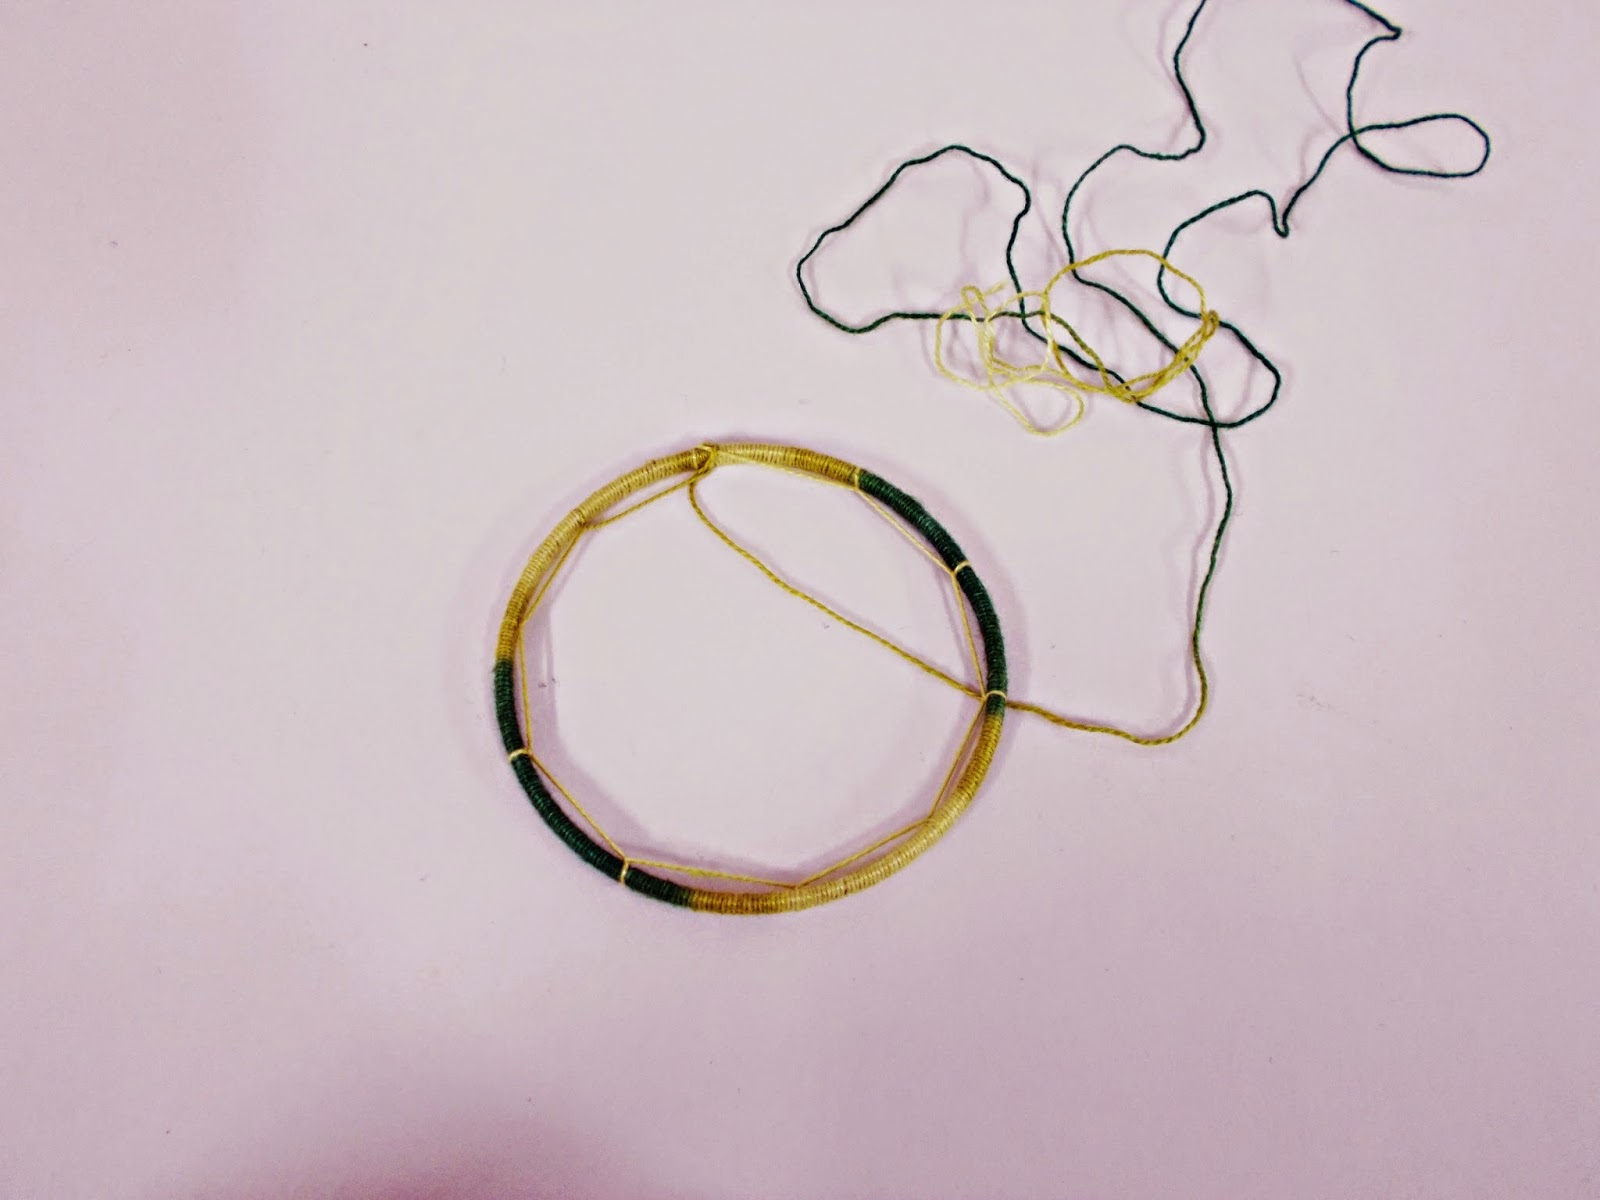 DIY-atrapasueños-indio-manualidades-hilo-plumas-adorno-4